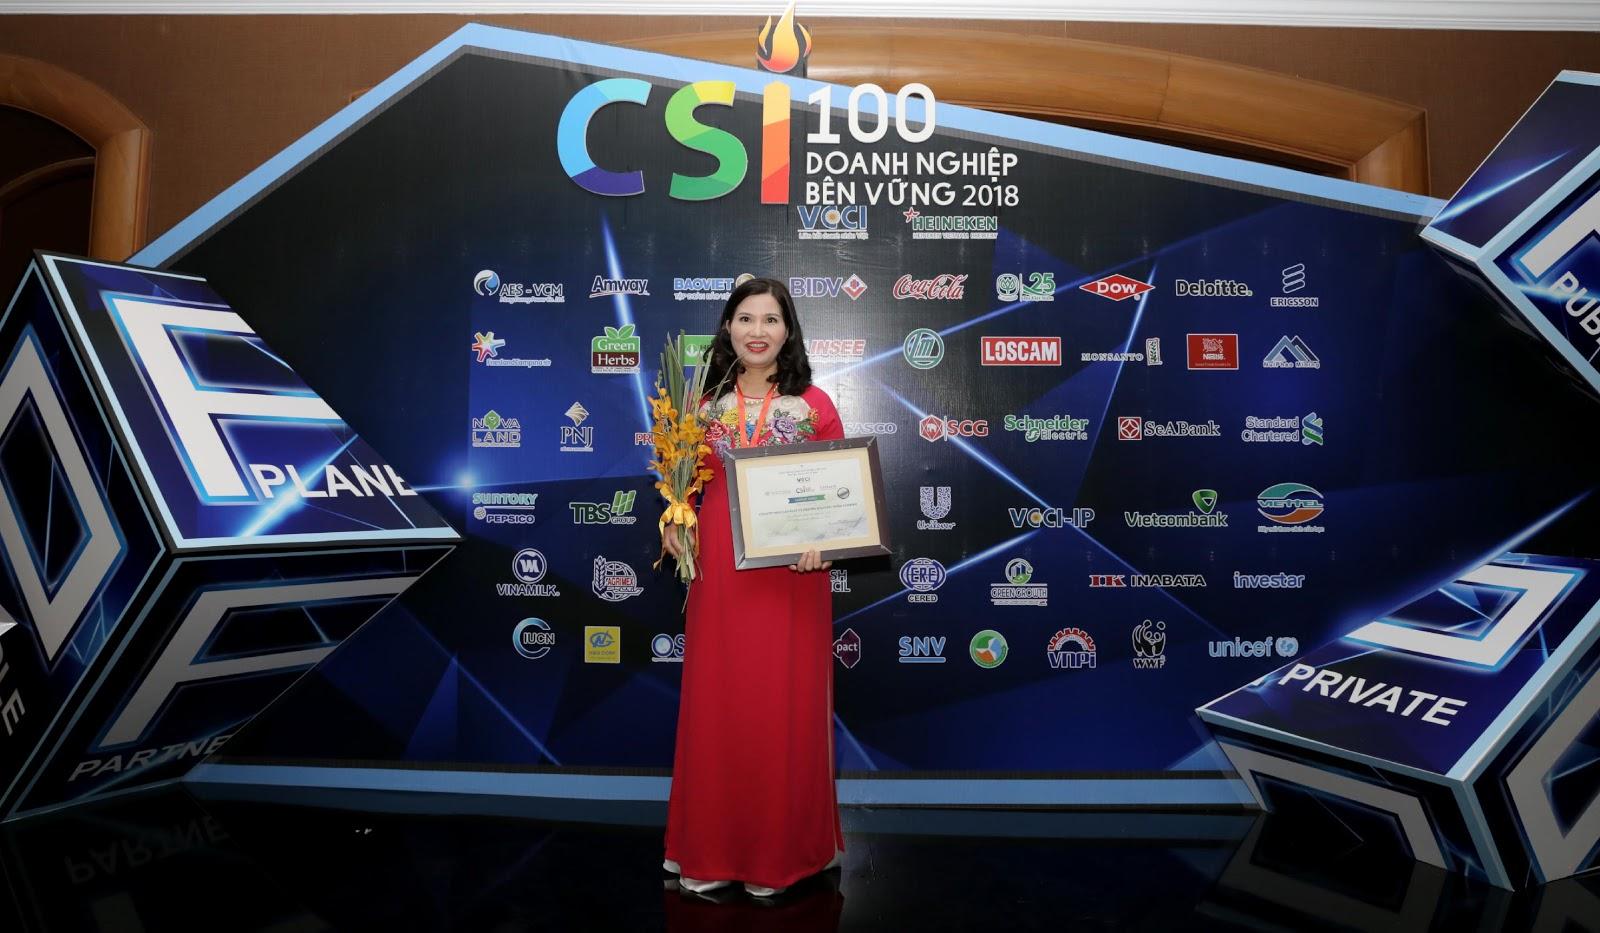 Dược phẩm Tâm Bình được vinh danh Top 100 Doanh nghiệp bền vững 2018 - Ảnh 2